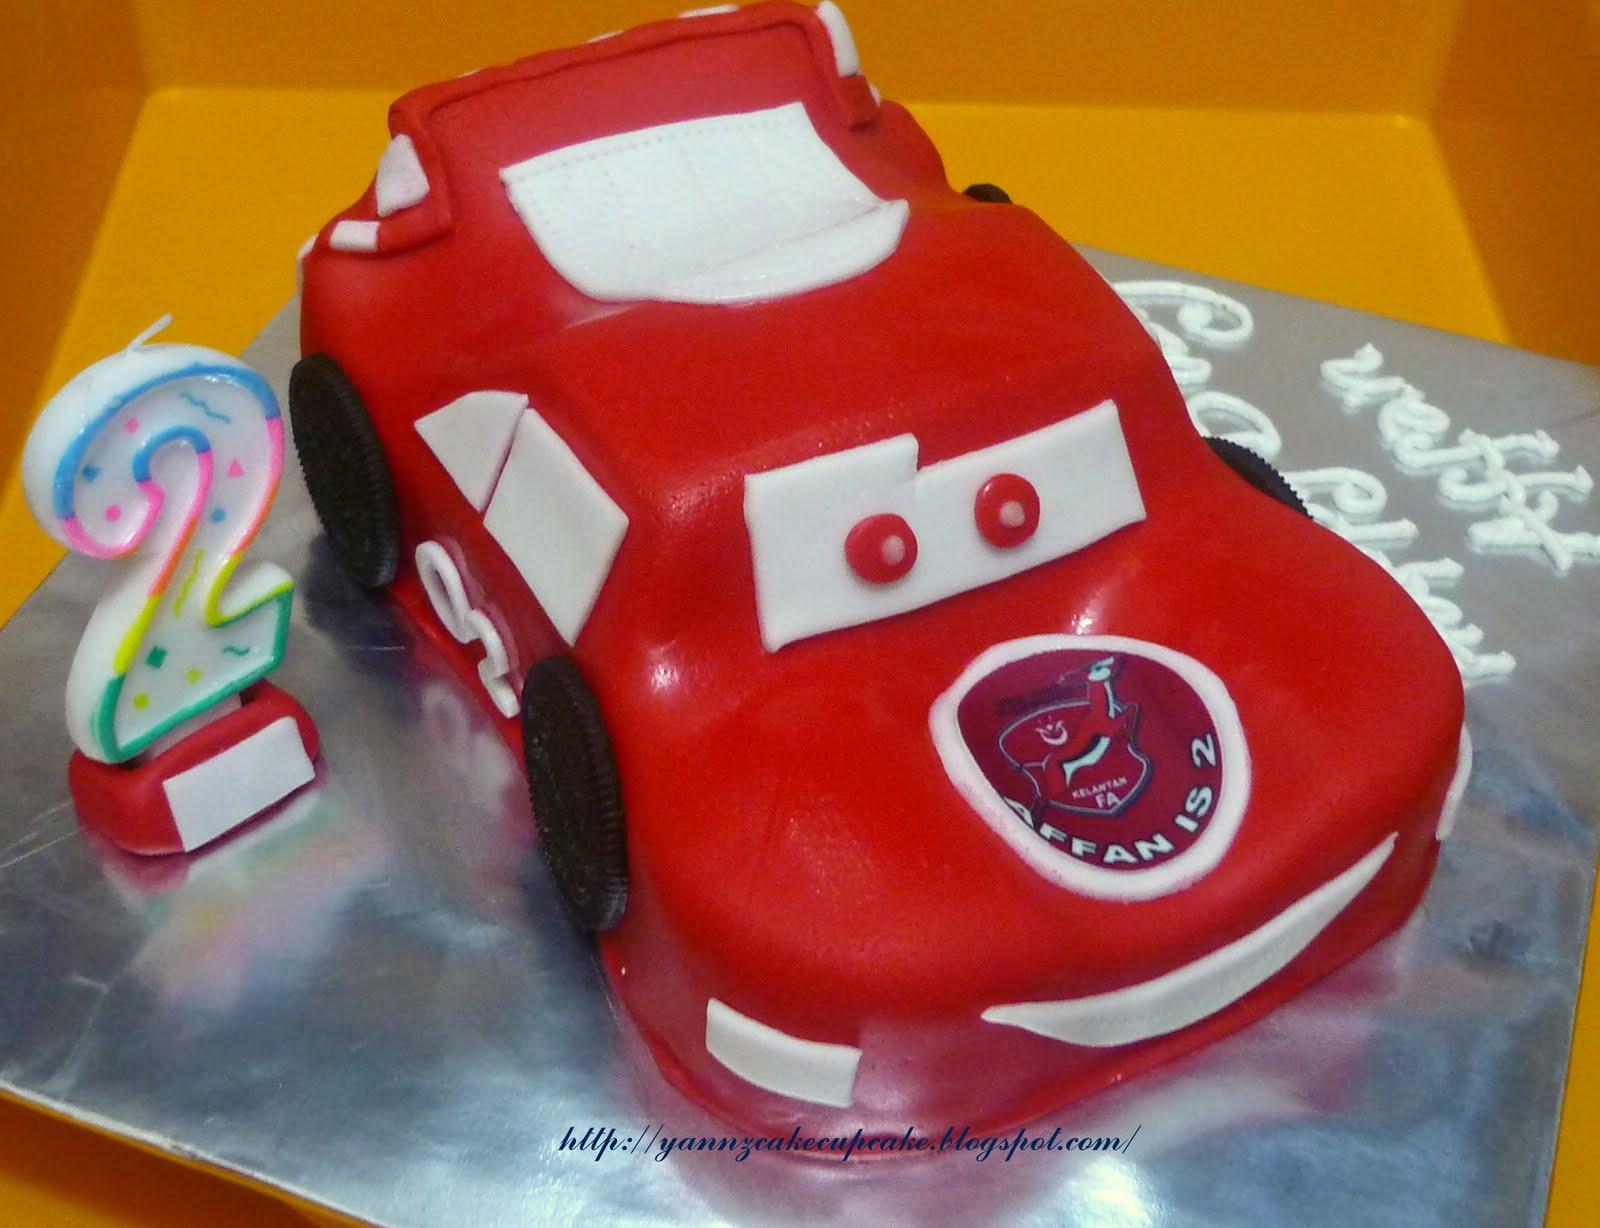 Lightning Mcqueen Car For Little Affan Yannzcakecupcakecom Baju Overall Mqueen Vroom